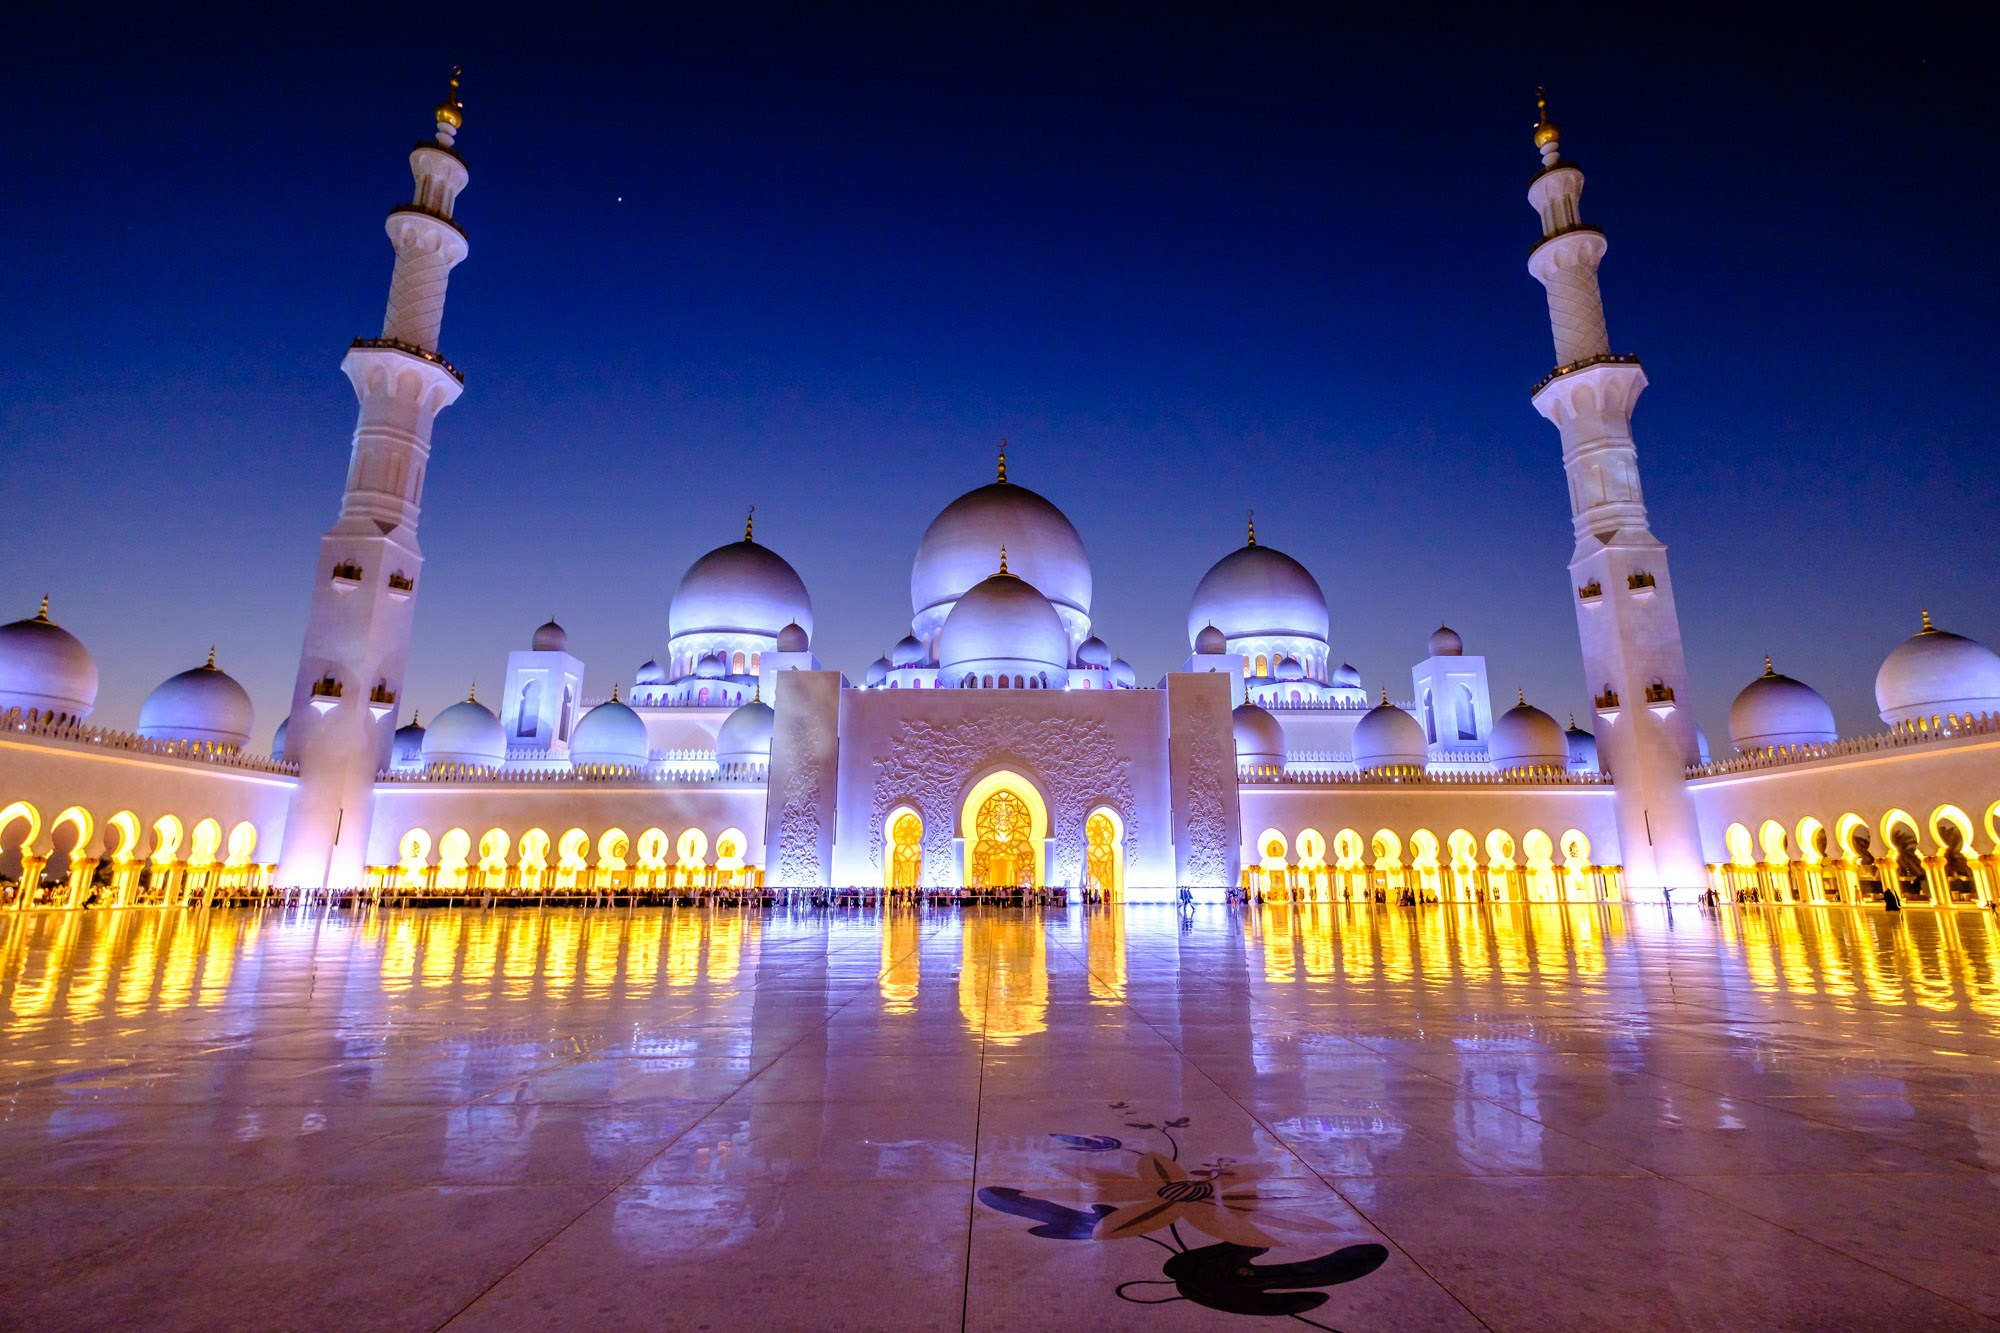 مسجد الشيخ زايد بن سلطان آل نهيان